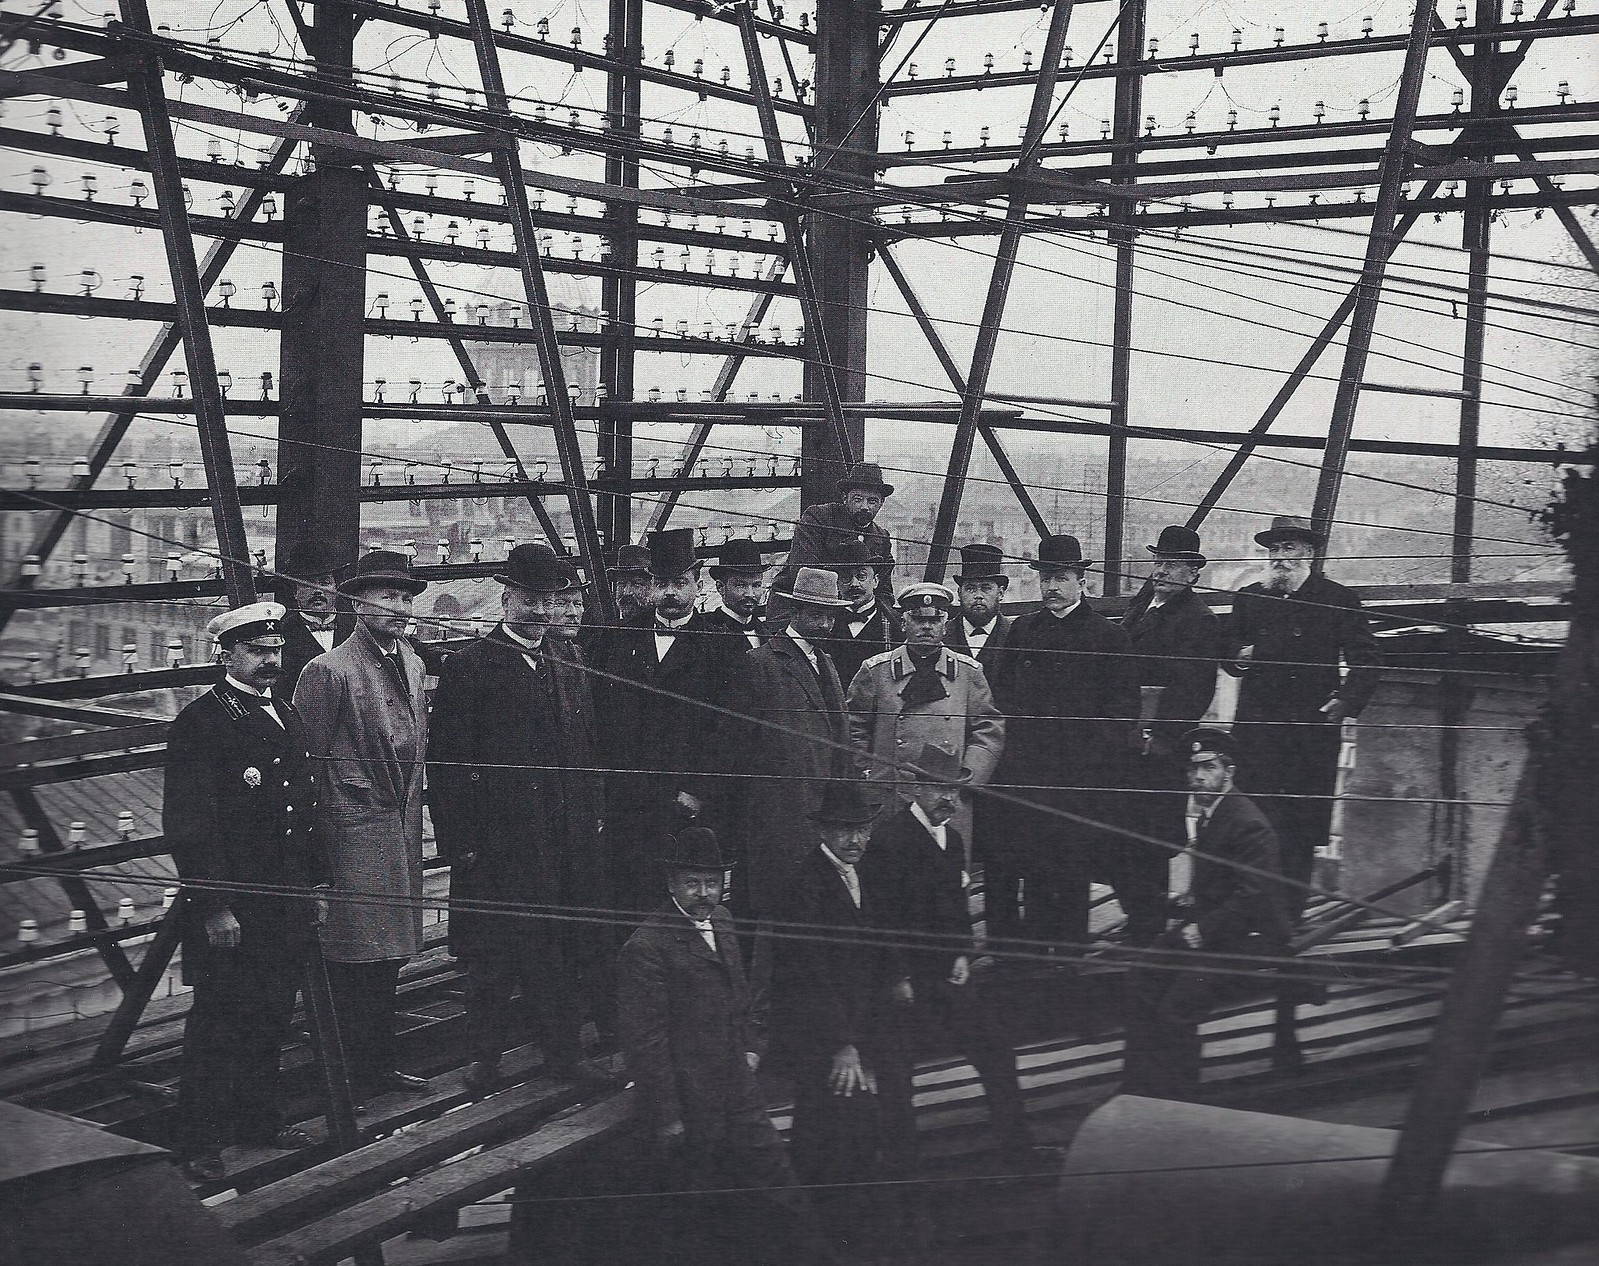 1901. Передача телефонной сети от Международной компании телефонов Белла, Городскому общественному управлению